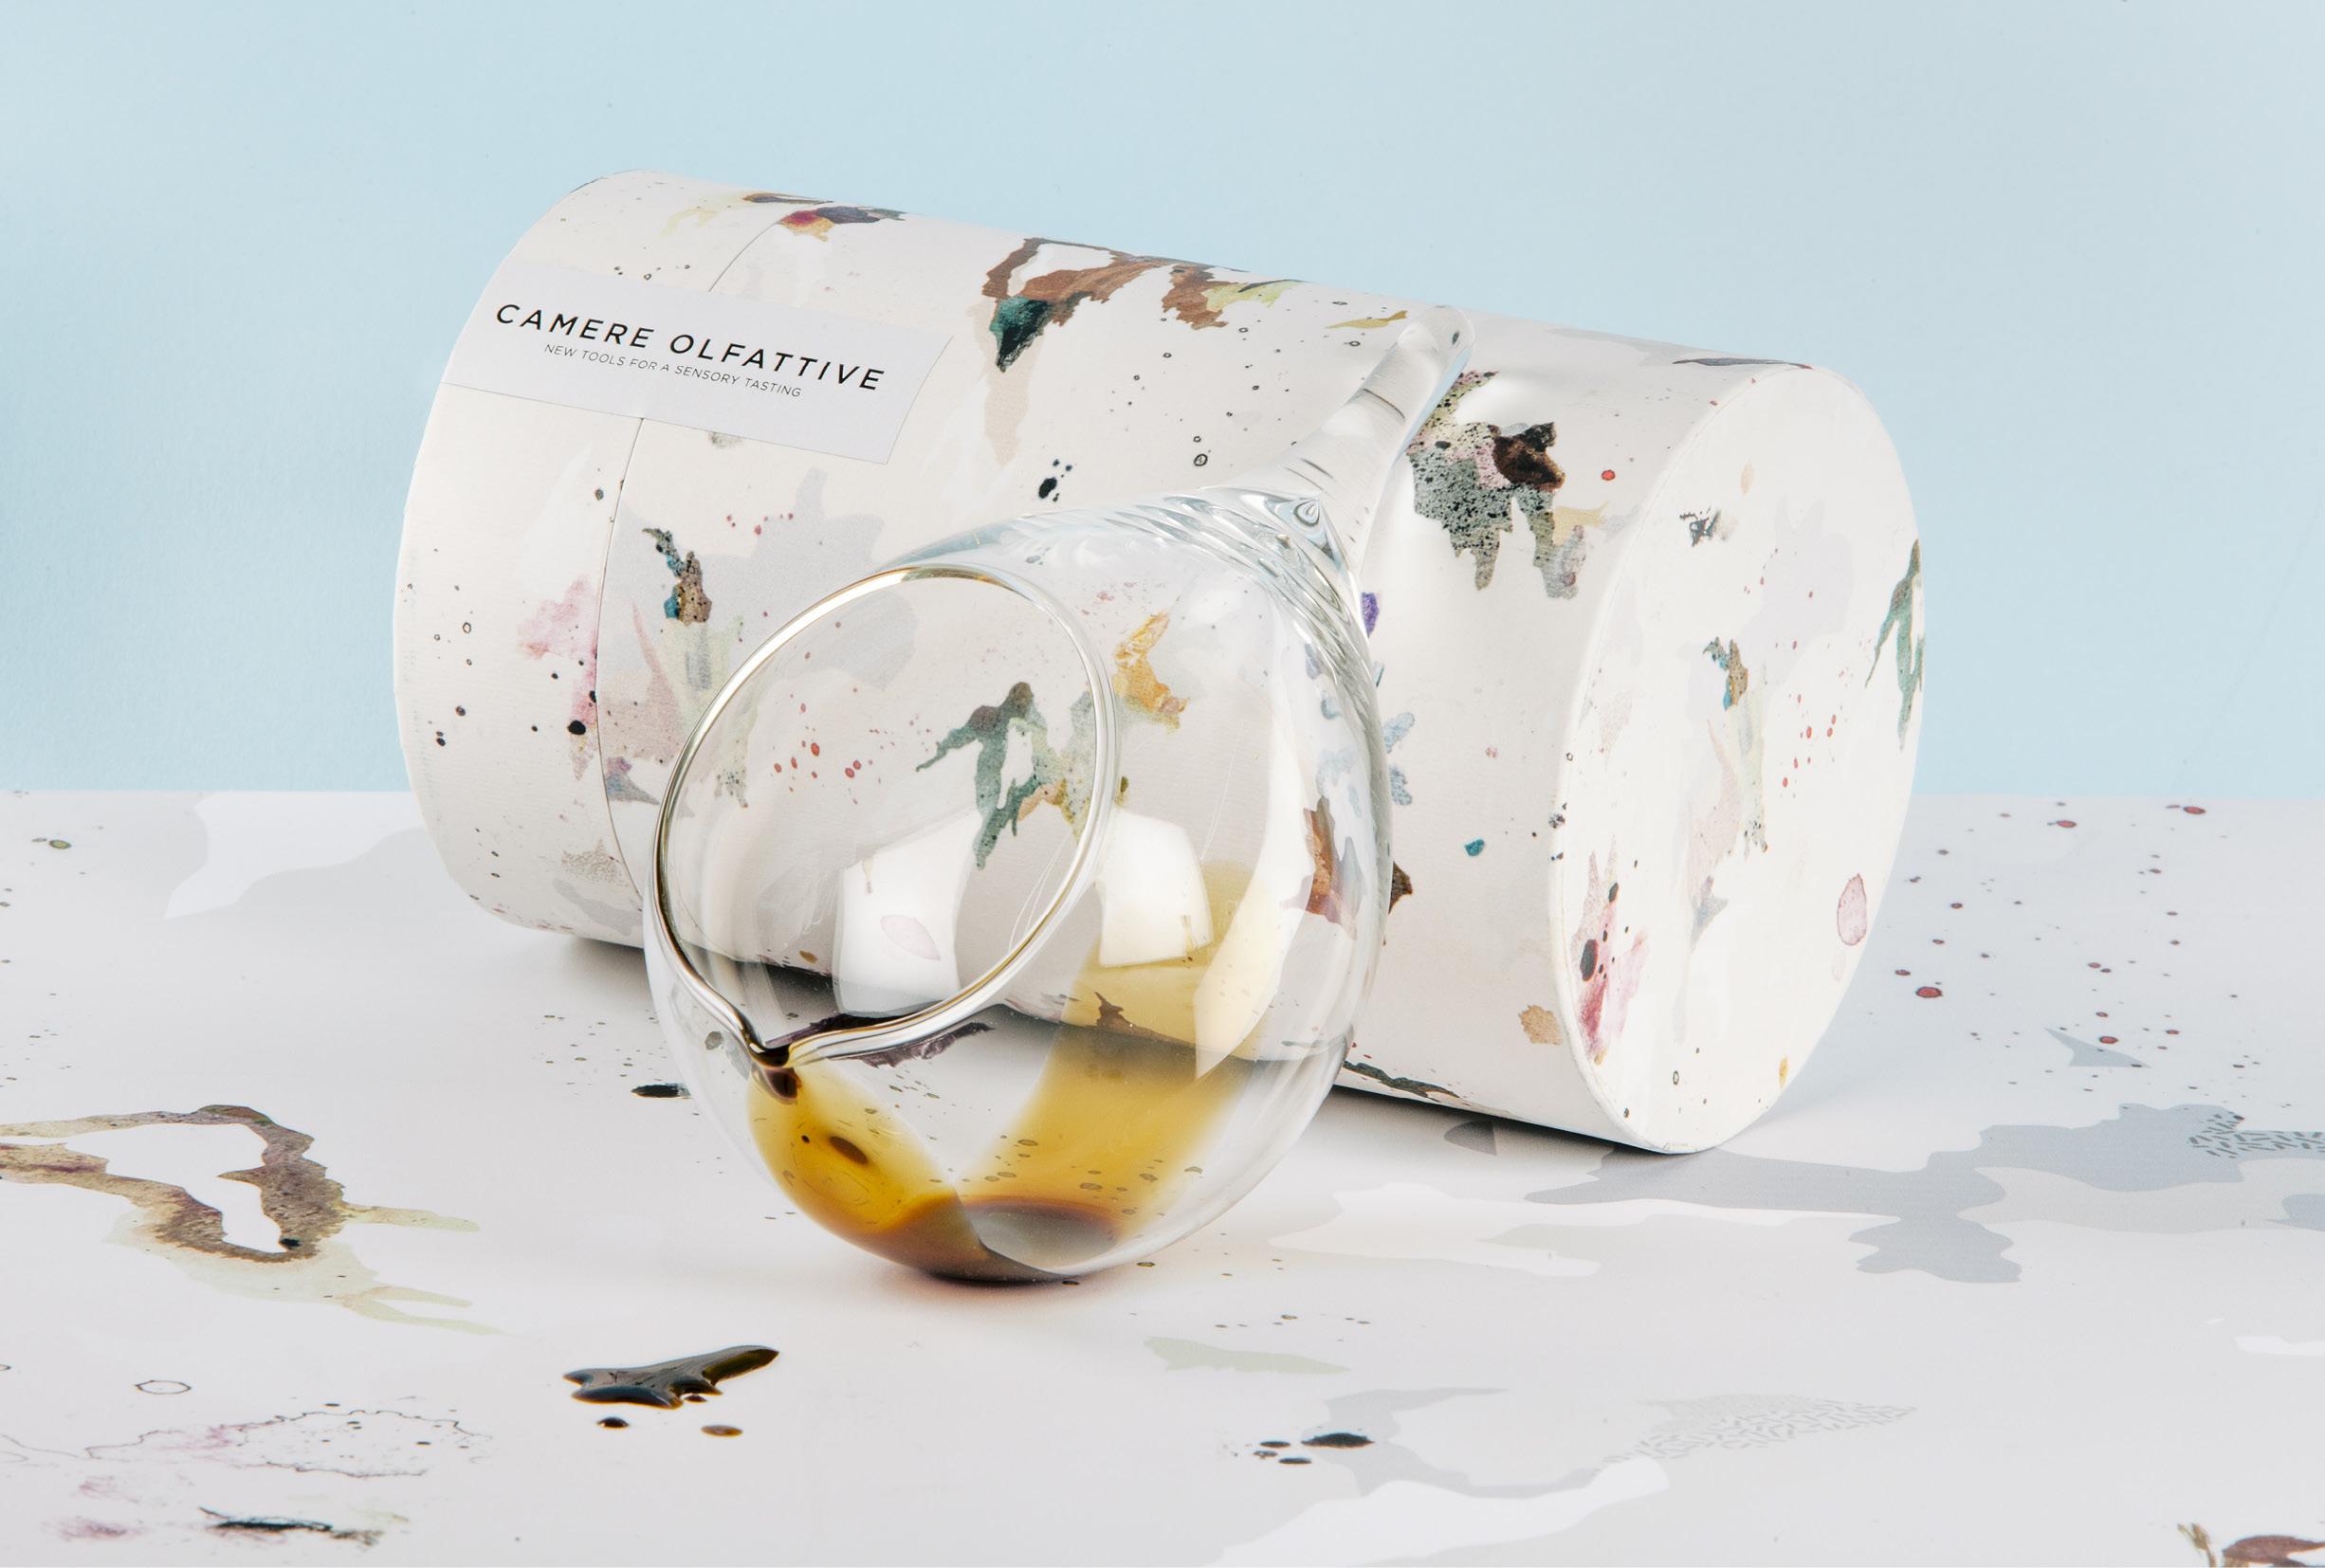 Packaging Camere Olfattive-包装可以识别一些香味醋,雾化油,酒和威士忌污渍---酷图编号1199406